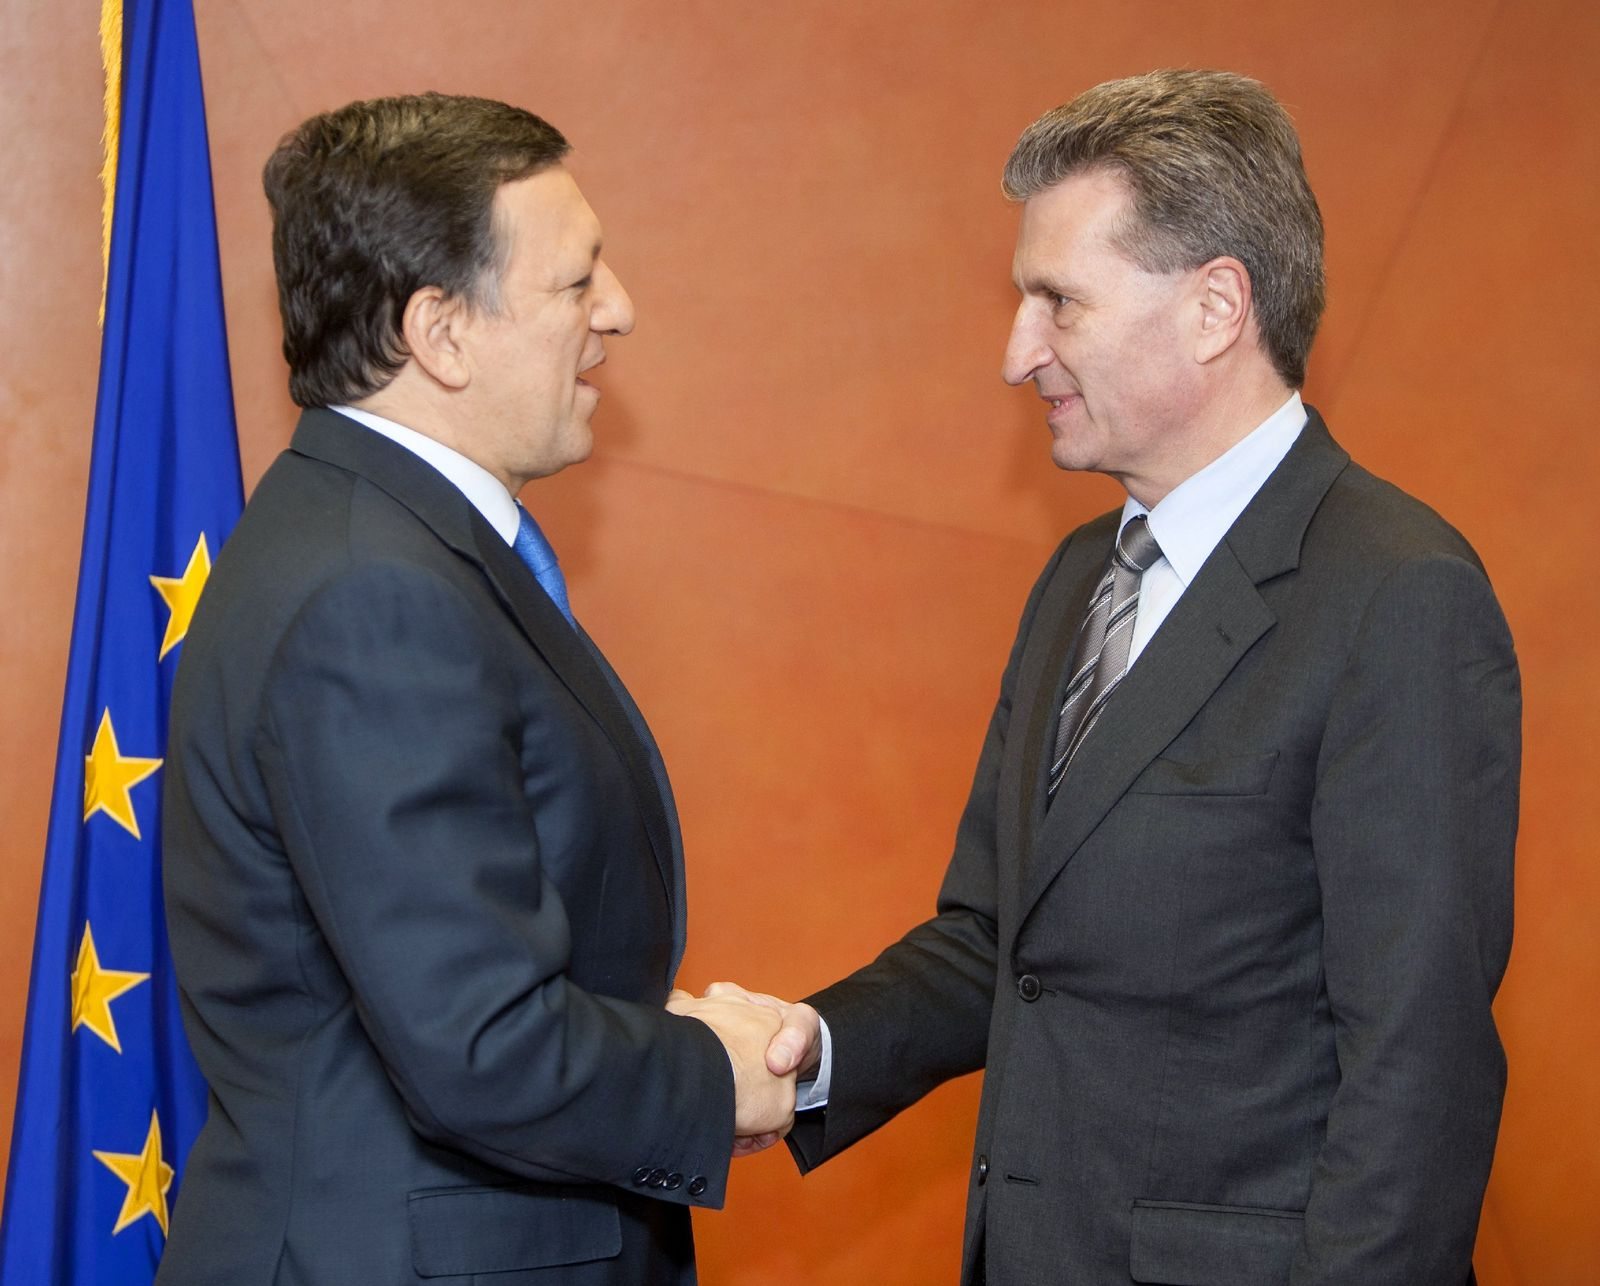 Oettinger / Barroso